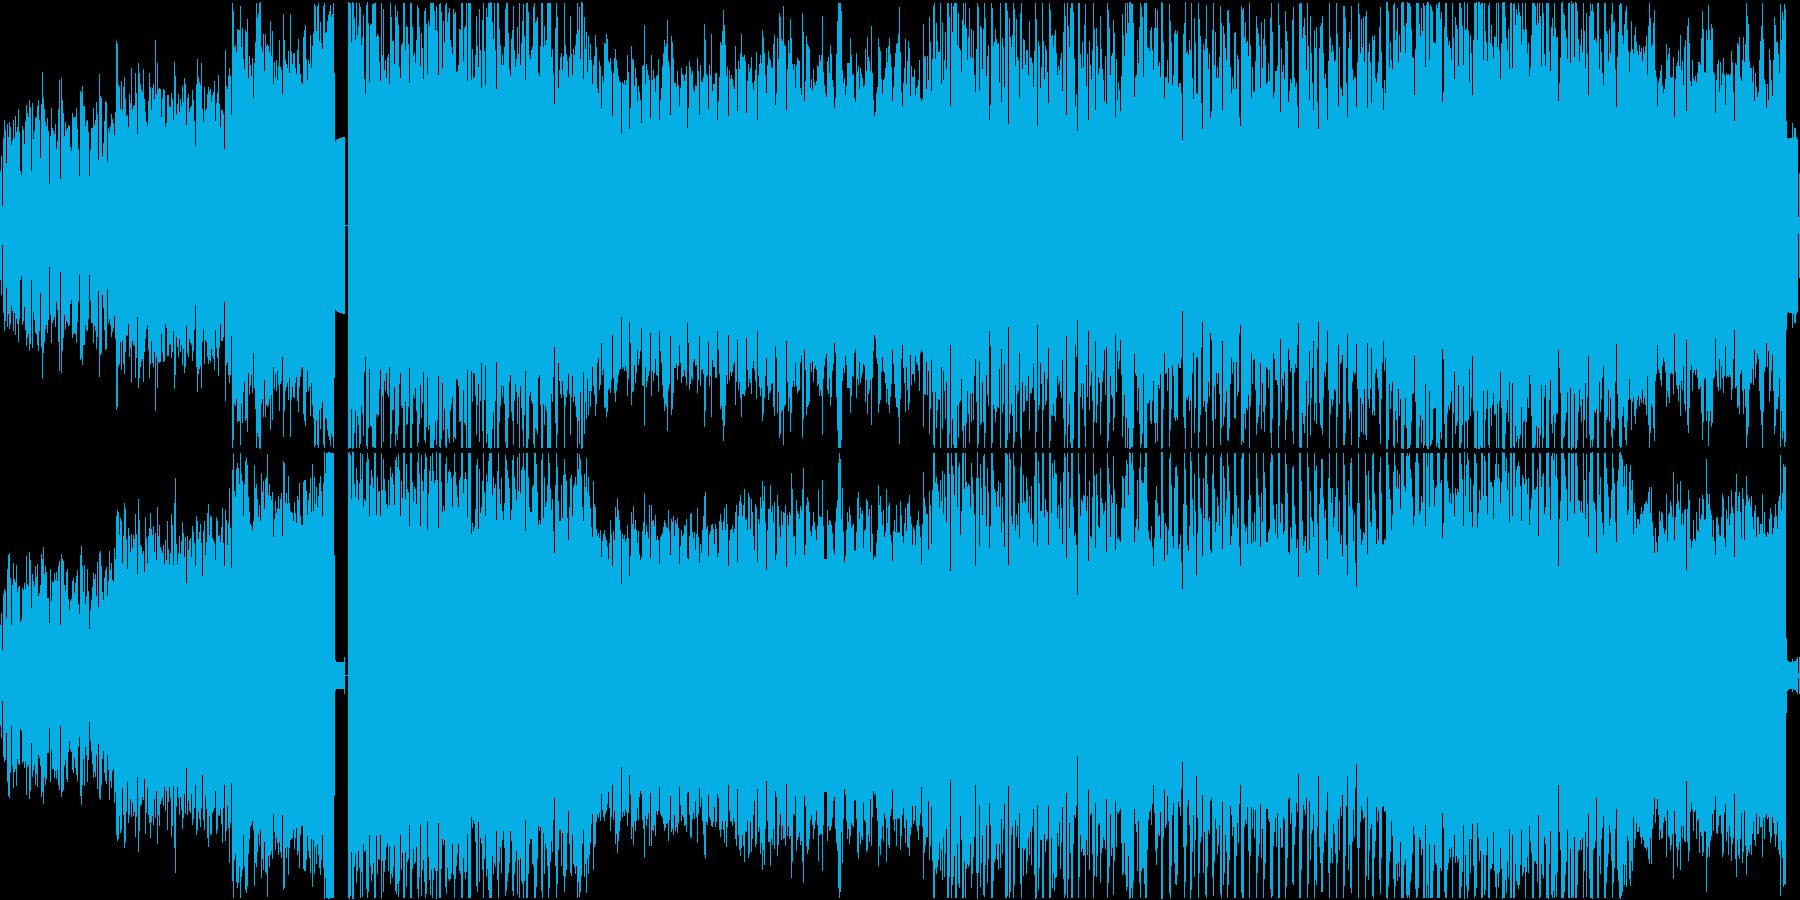 【ループ】アンビエント/電子音・浮遊感の再生済みの波形